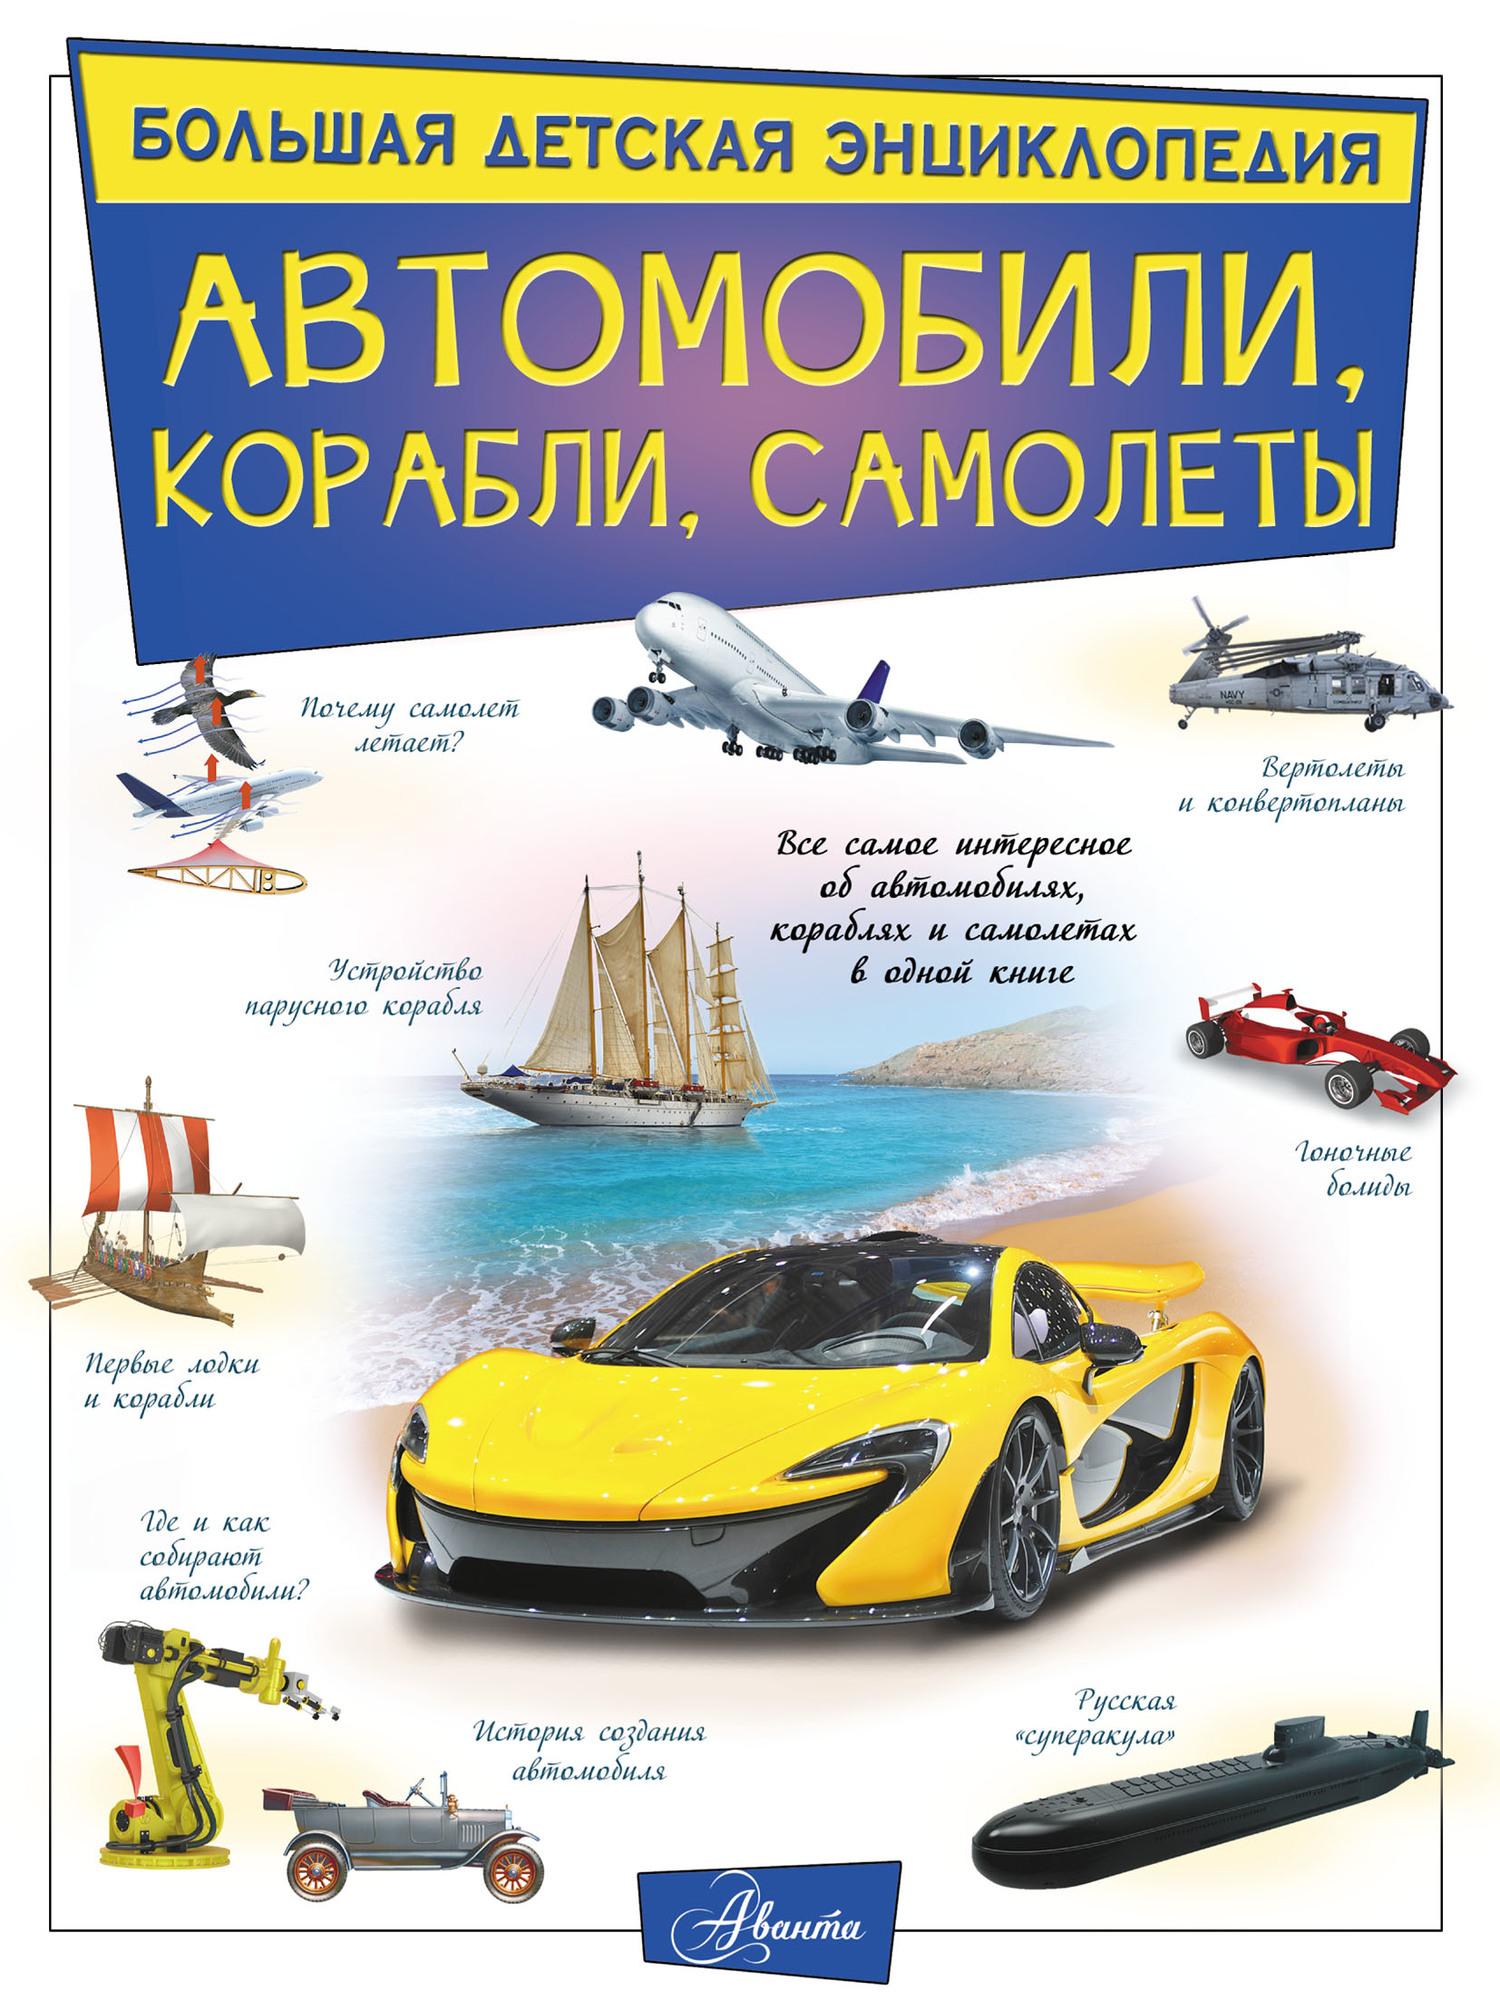 Автомобили, корабли, самолеты